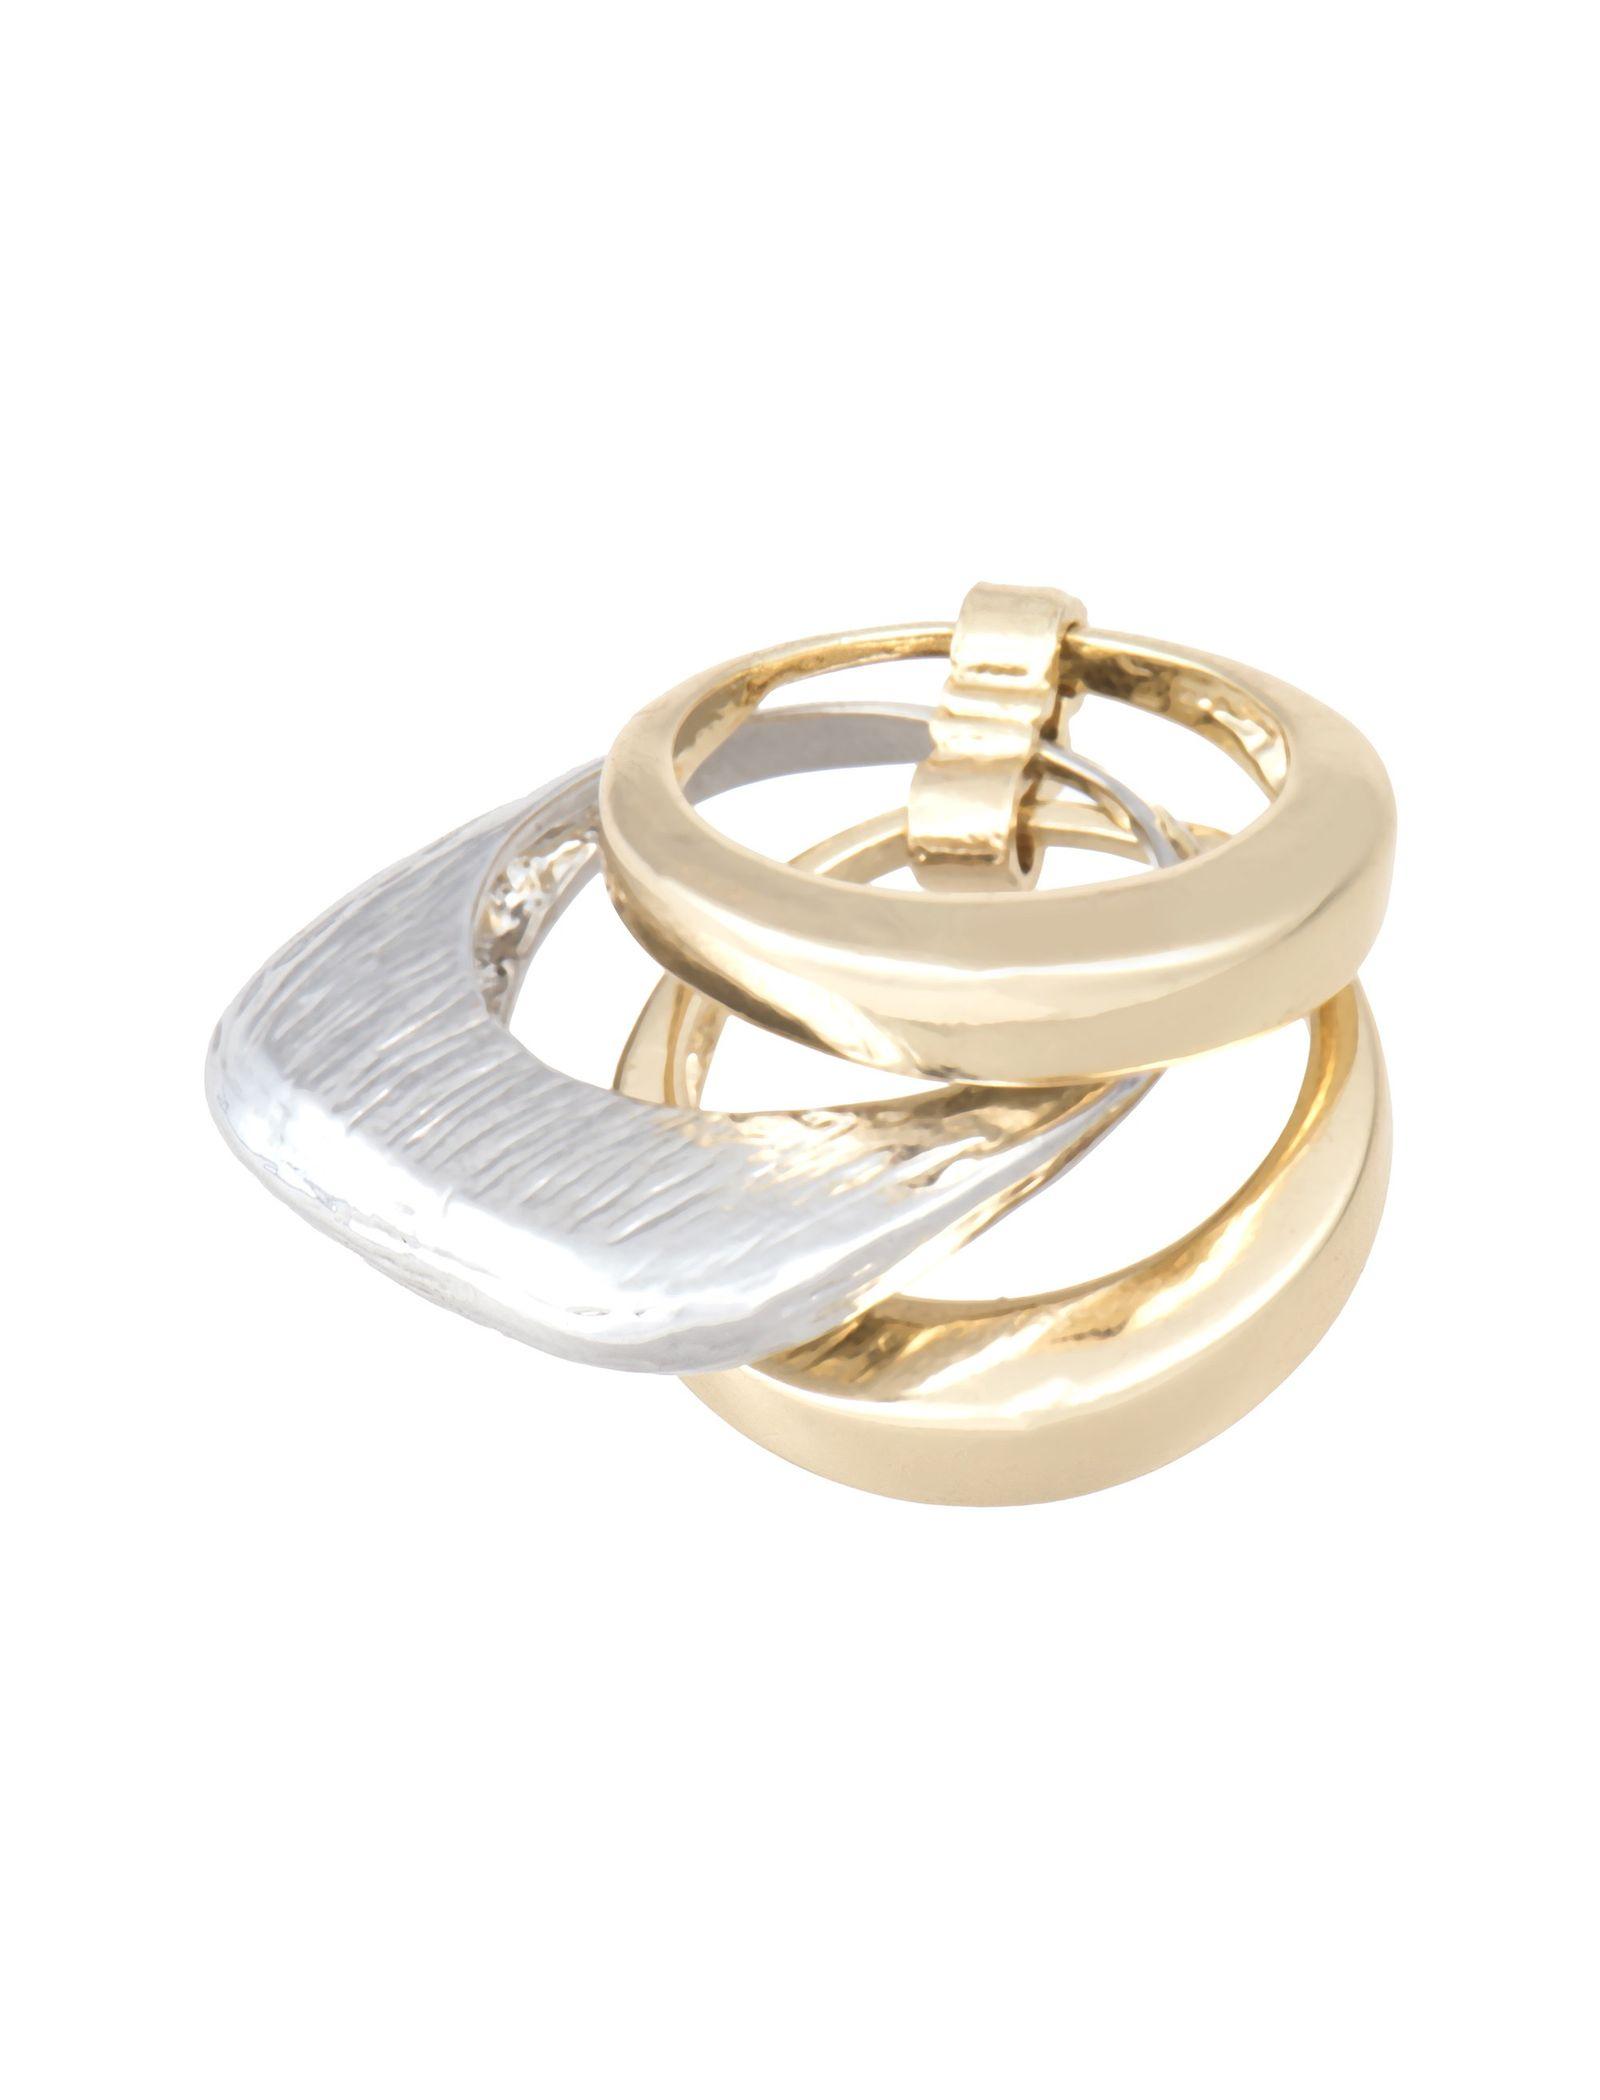 انگشتر زنانه - پارفوا - طلايي - 1